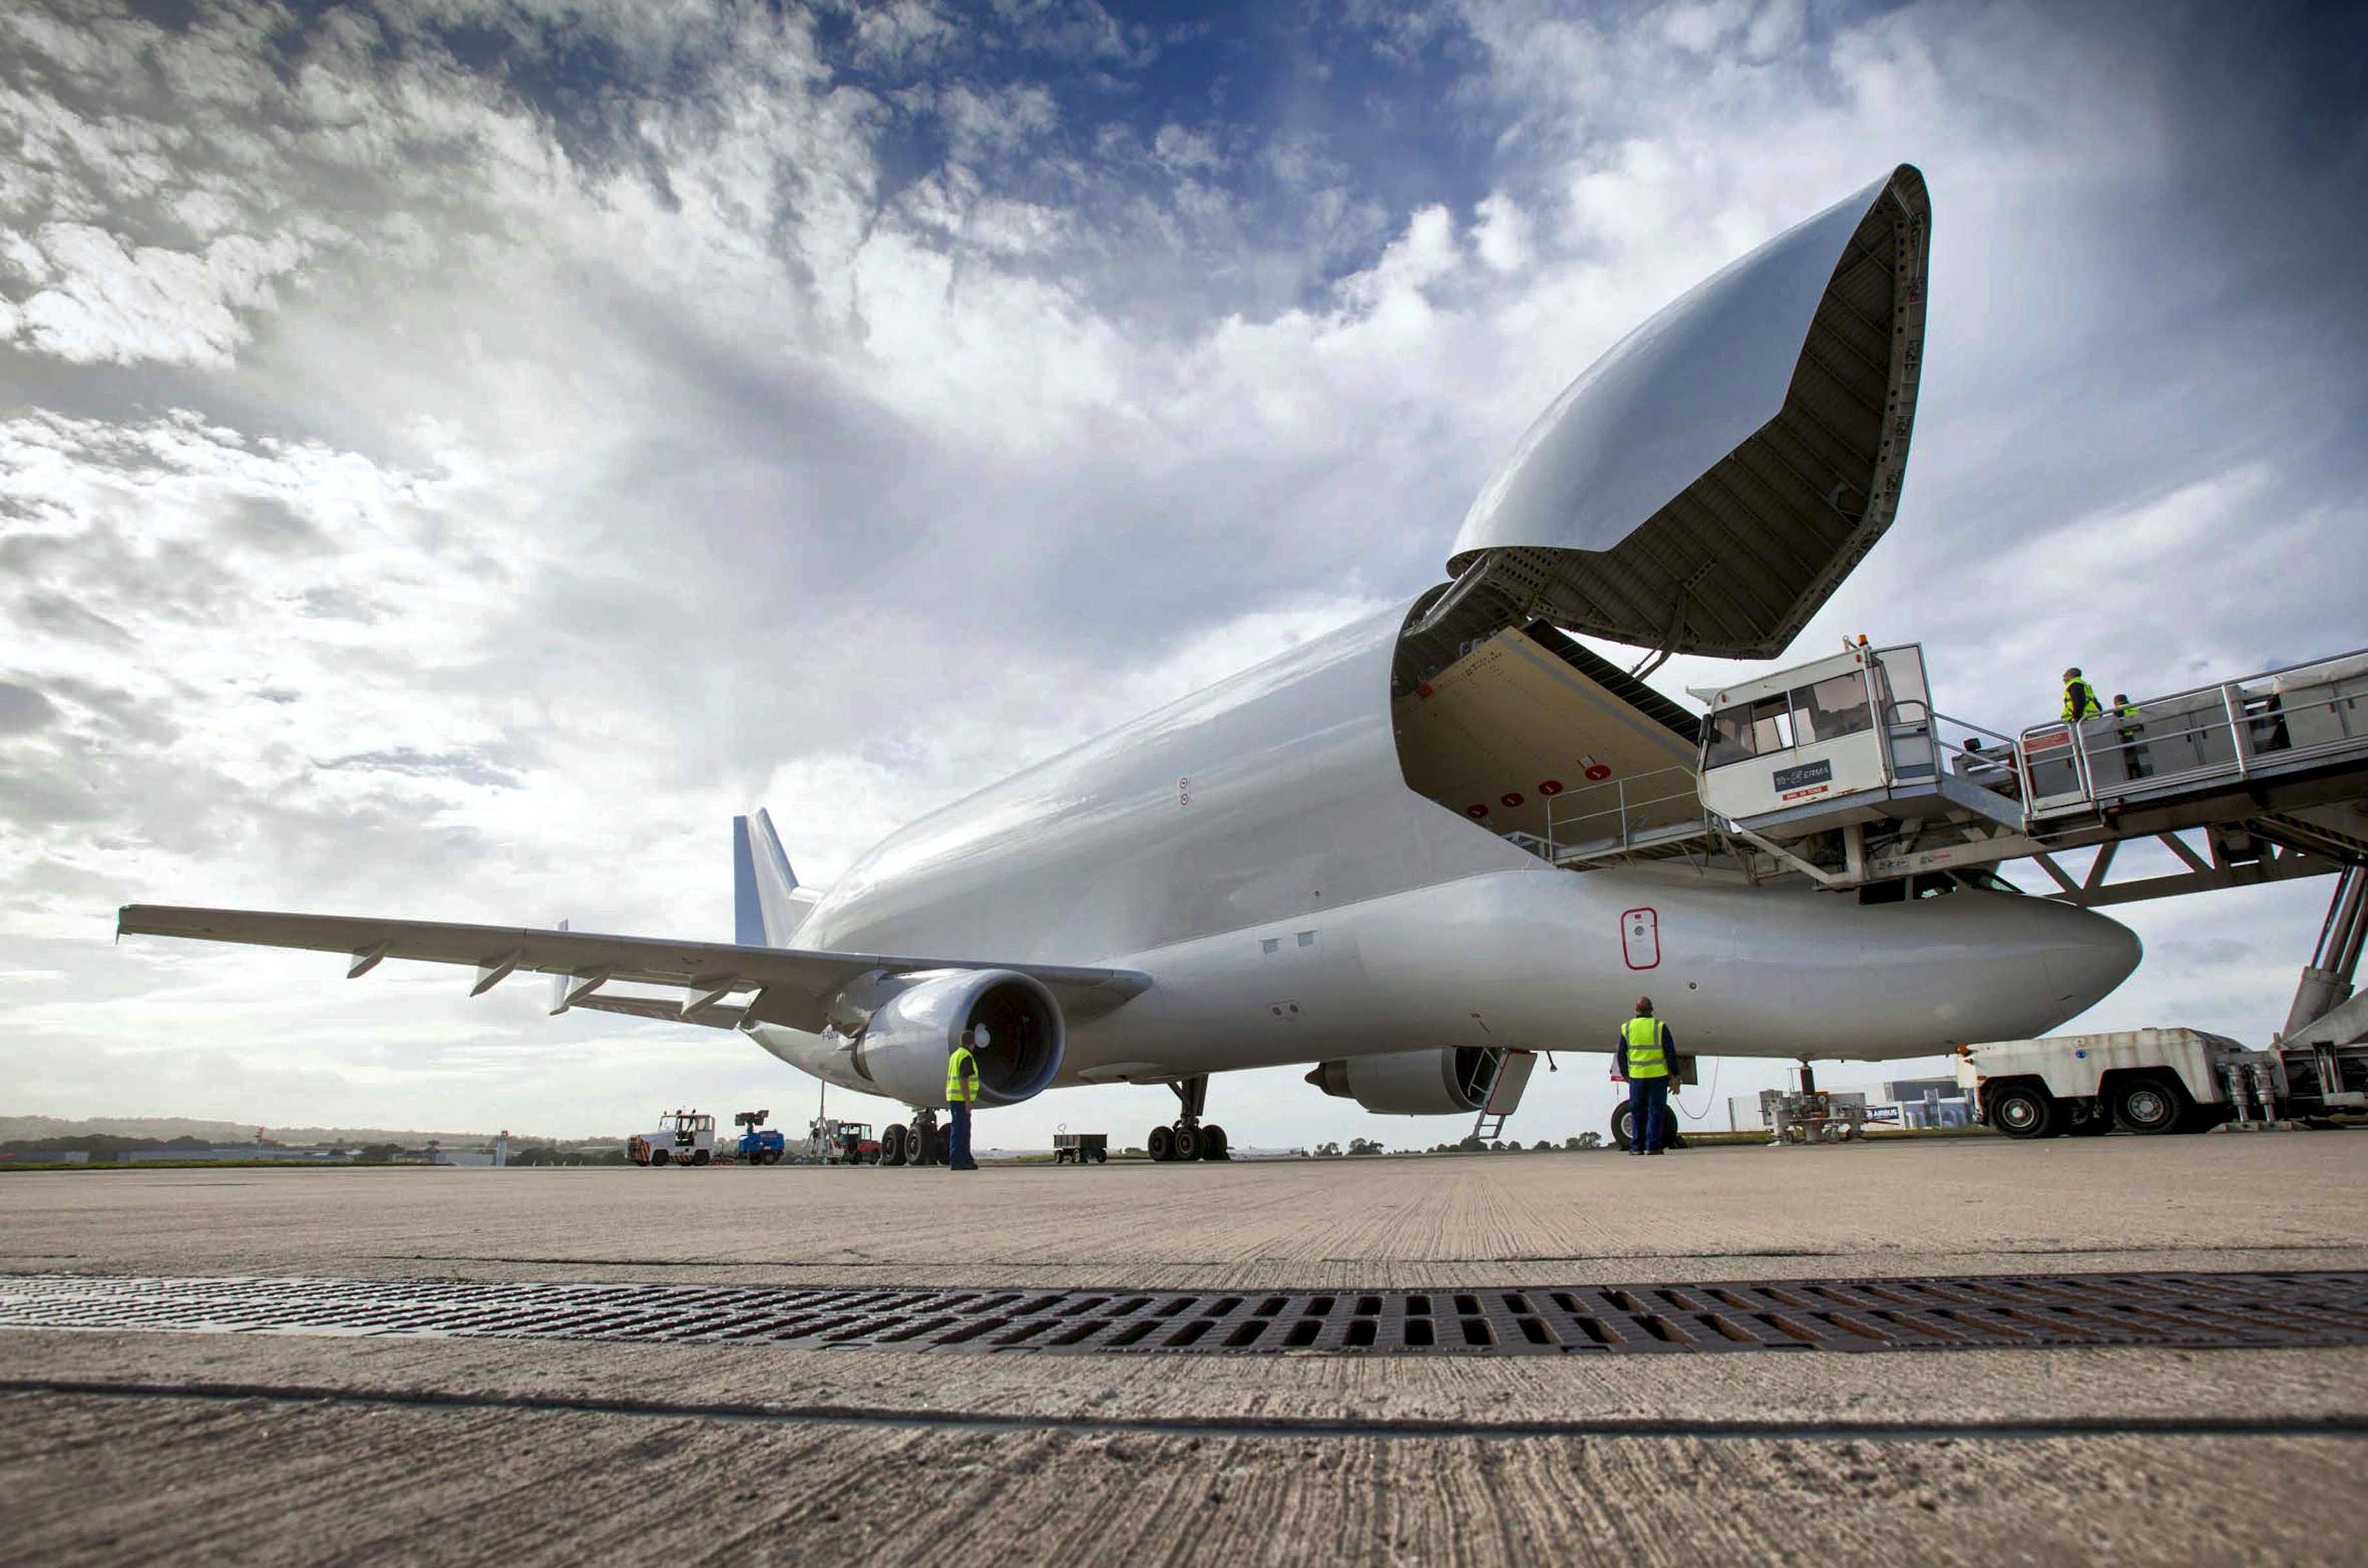 Der Erste der fünf neuen Belugas soll 2019 zum Einsatz kommen. 2025 geht dann die alte Flotte in Rente, die seit 1994 im Dienst ist.